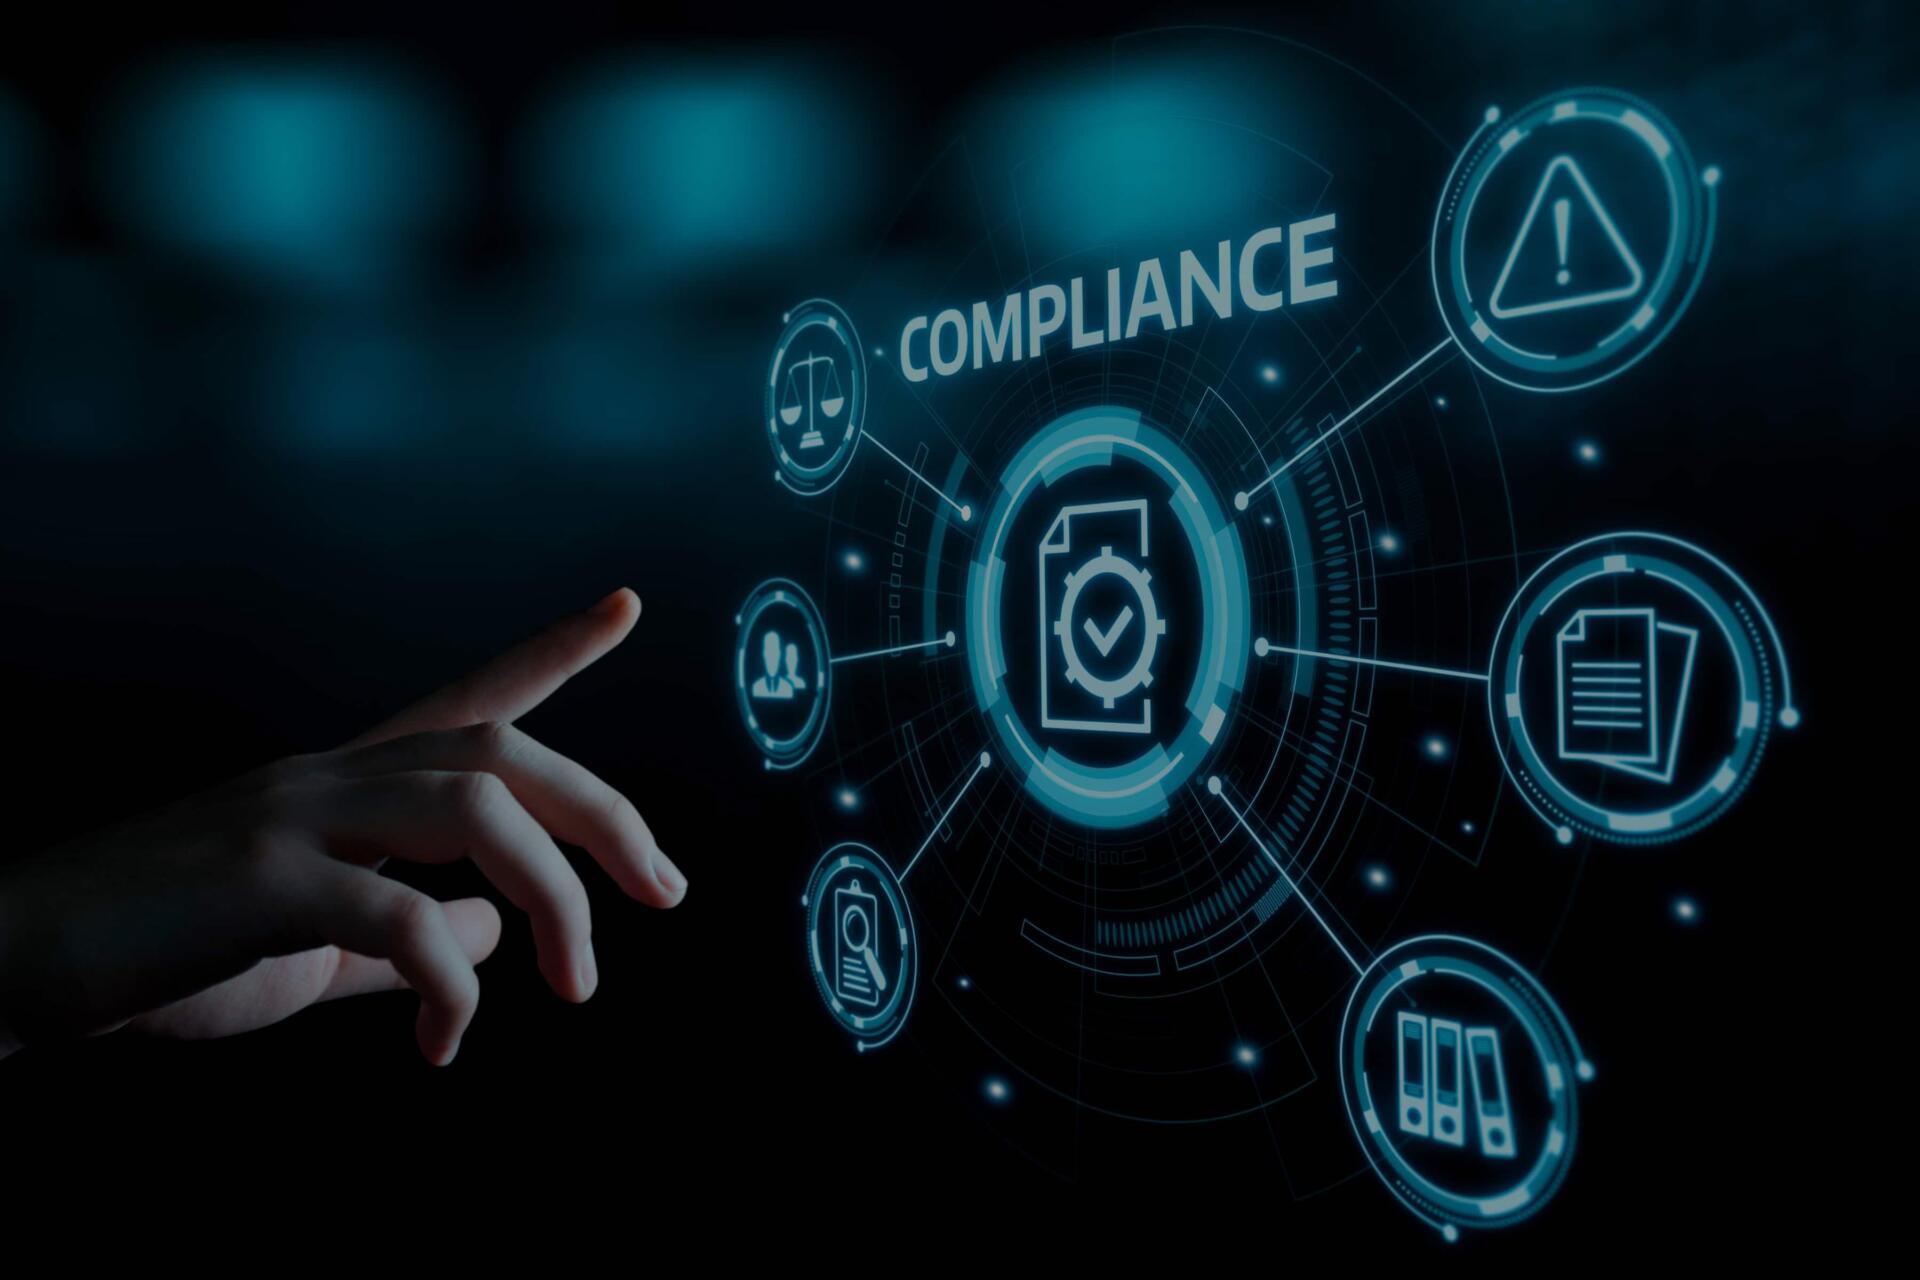 Las Regtech: El uso de las nuevas tecnologías en el Compliance